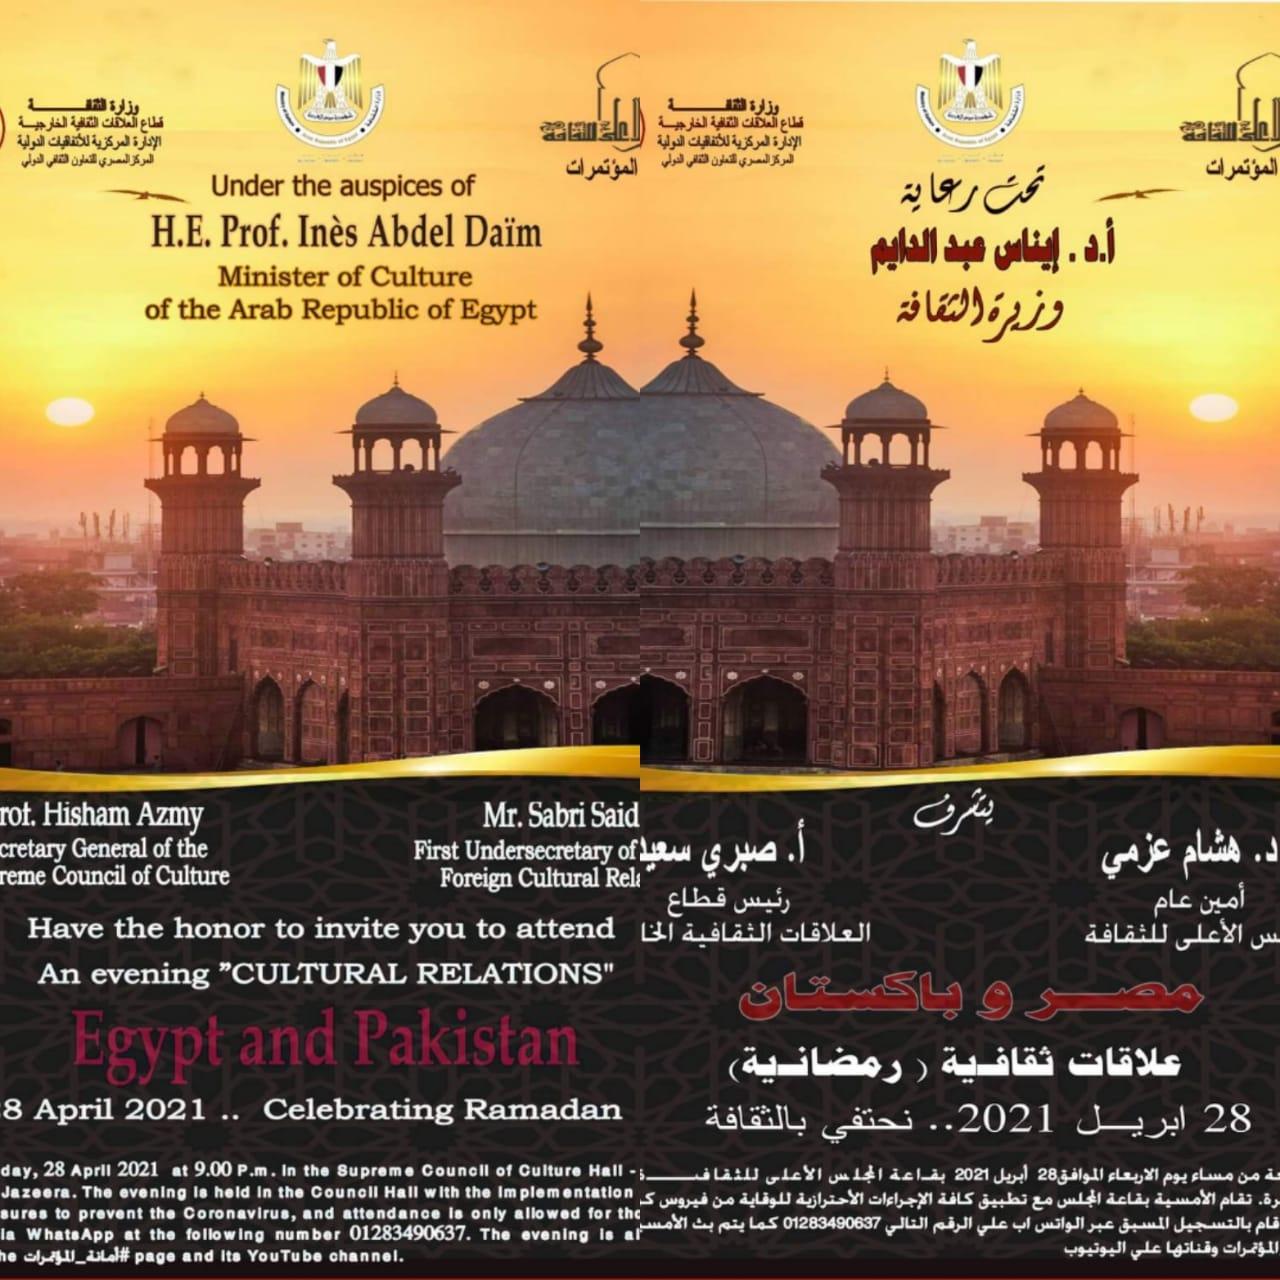 رمضان في مصر وباكستان... أمسية ثقافية.. اليوم